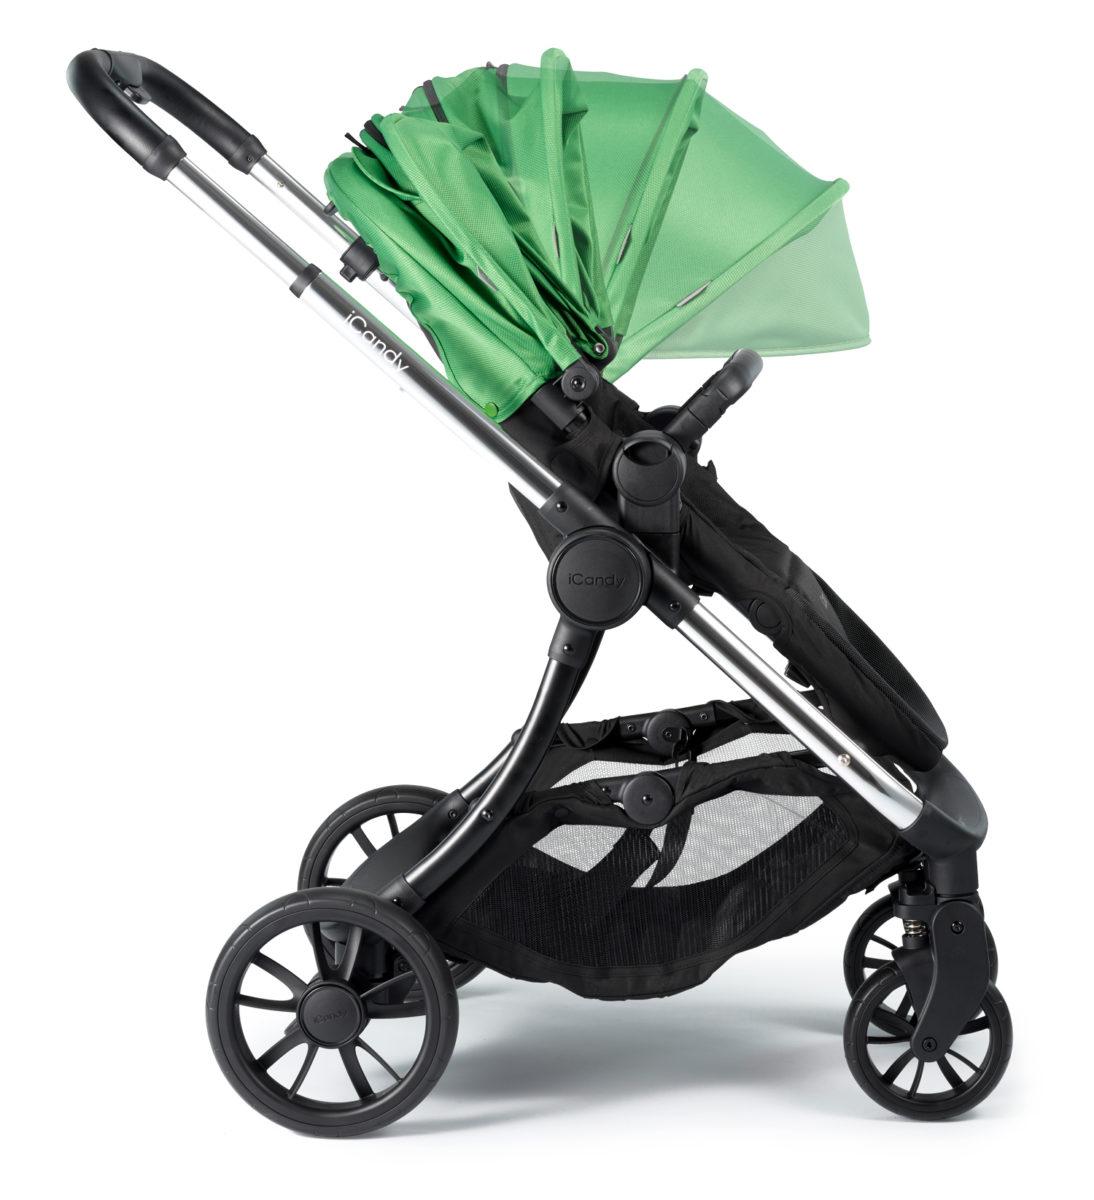 iCandy Lime - Lime Chrome